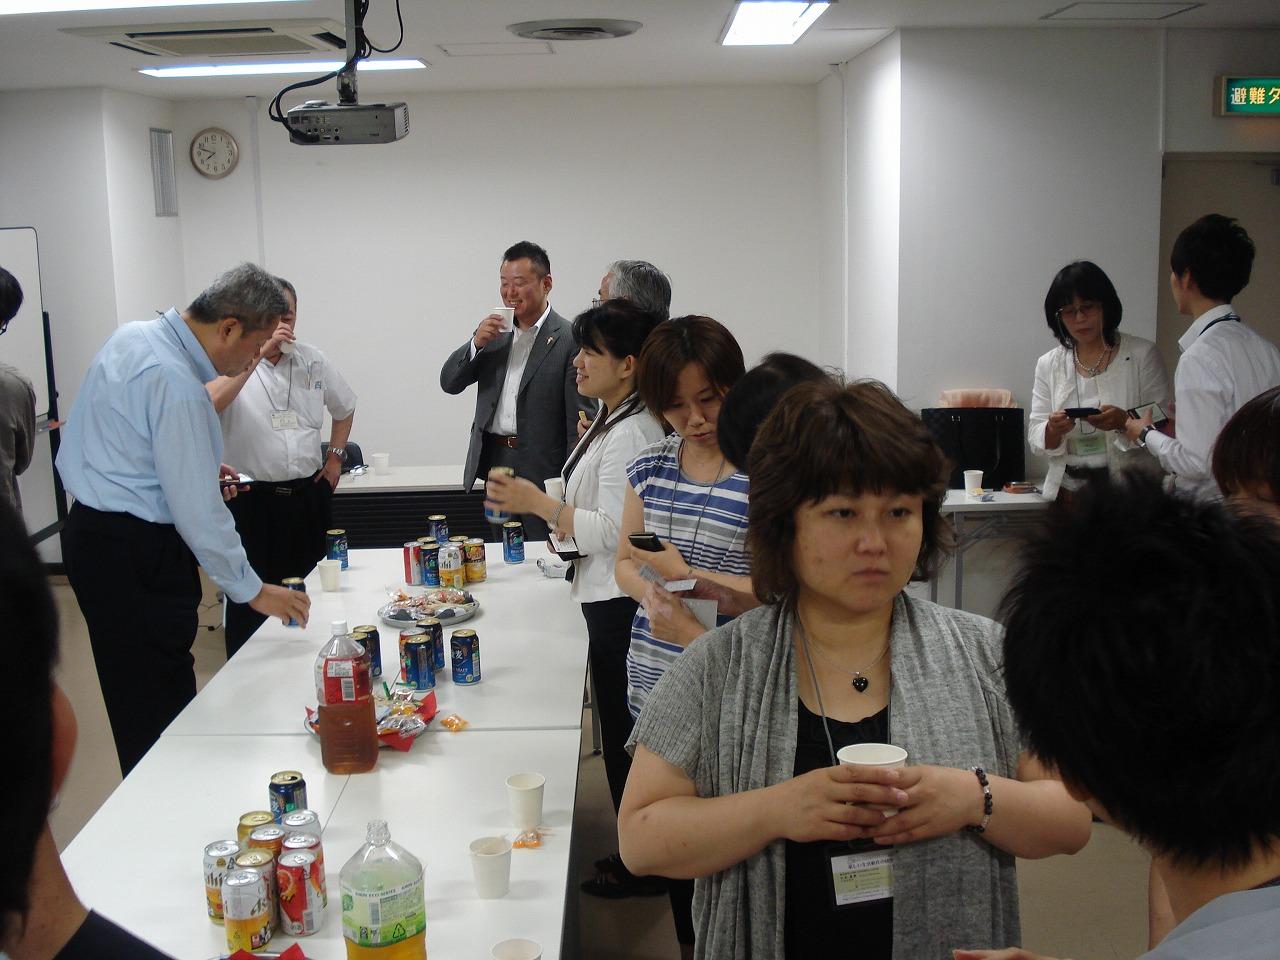 2012年6月交流会レポート     サポーター:西岡_e0130743_1549507.jpg